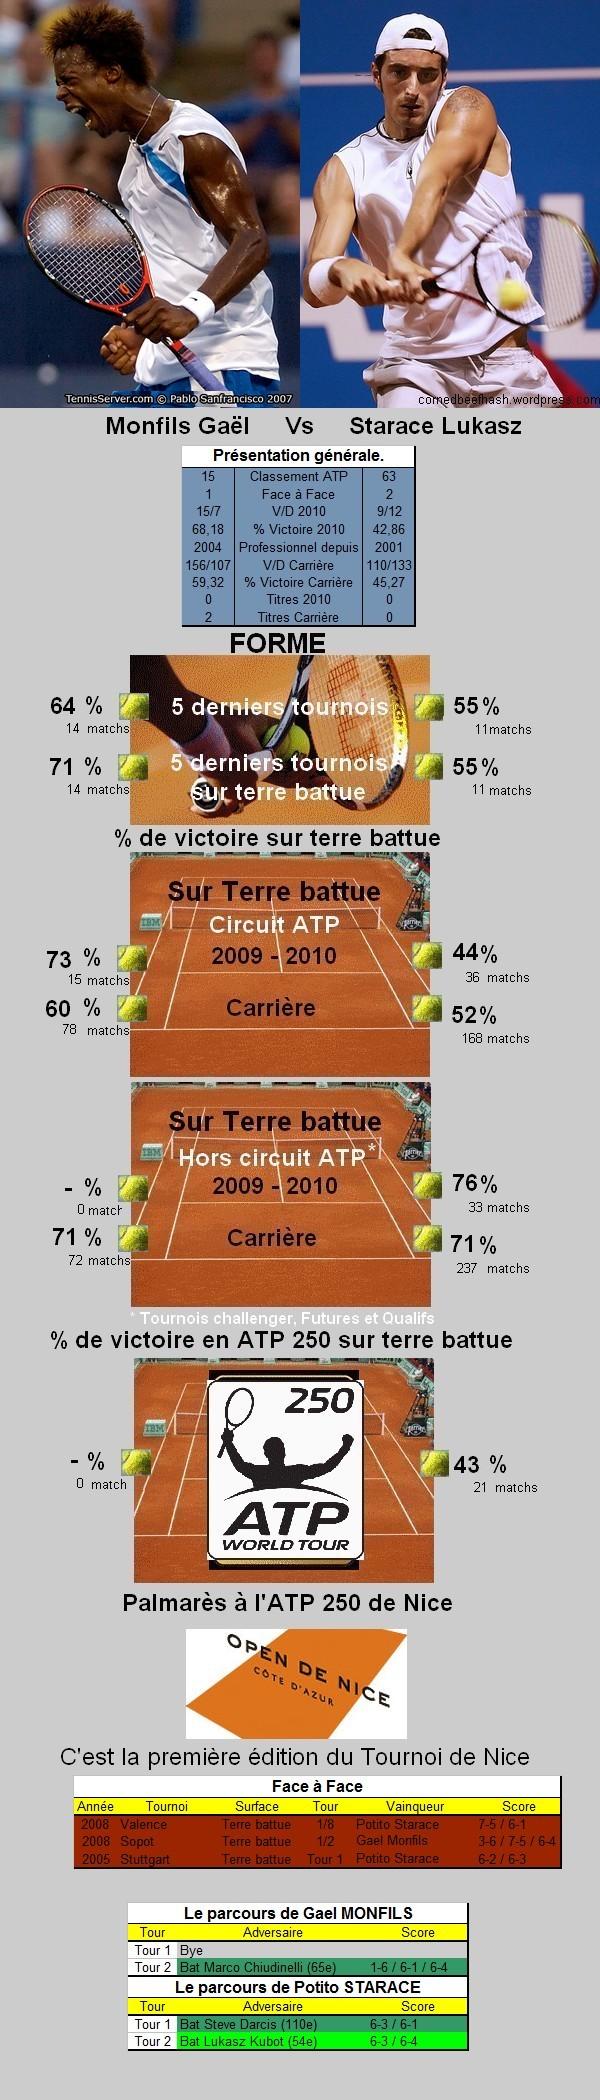 Statistiques tennis de Monfils contre Starace à Nice